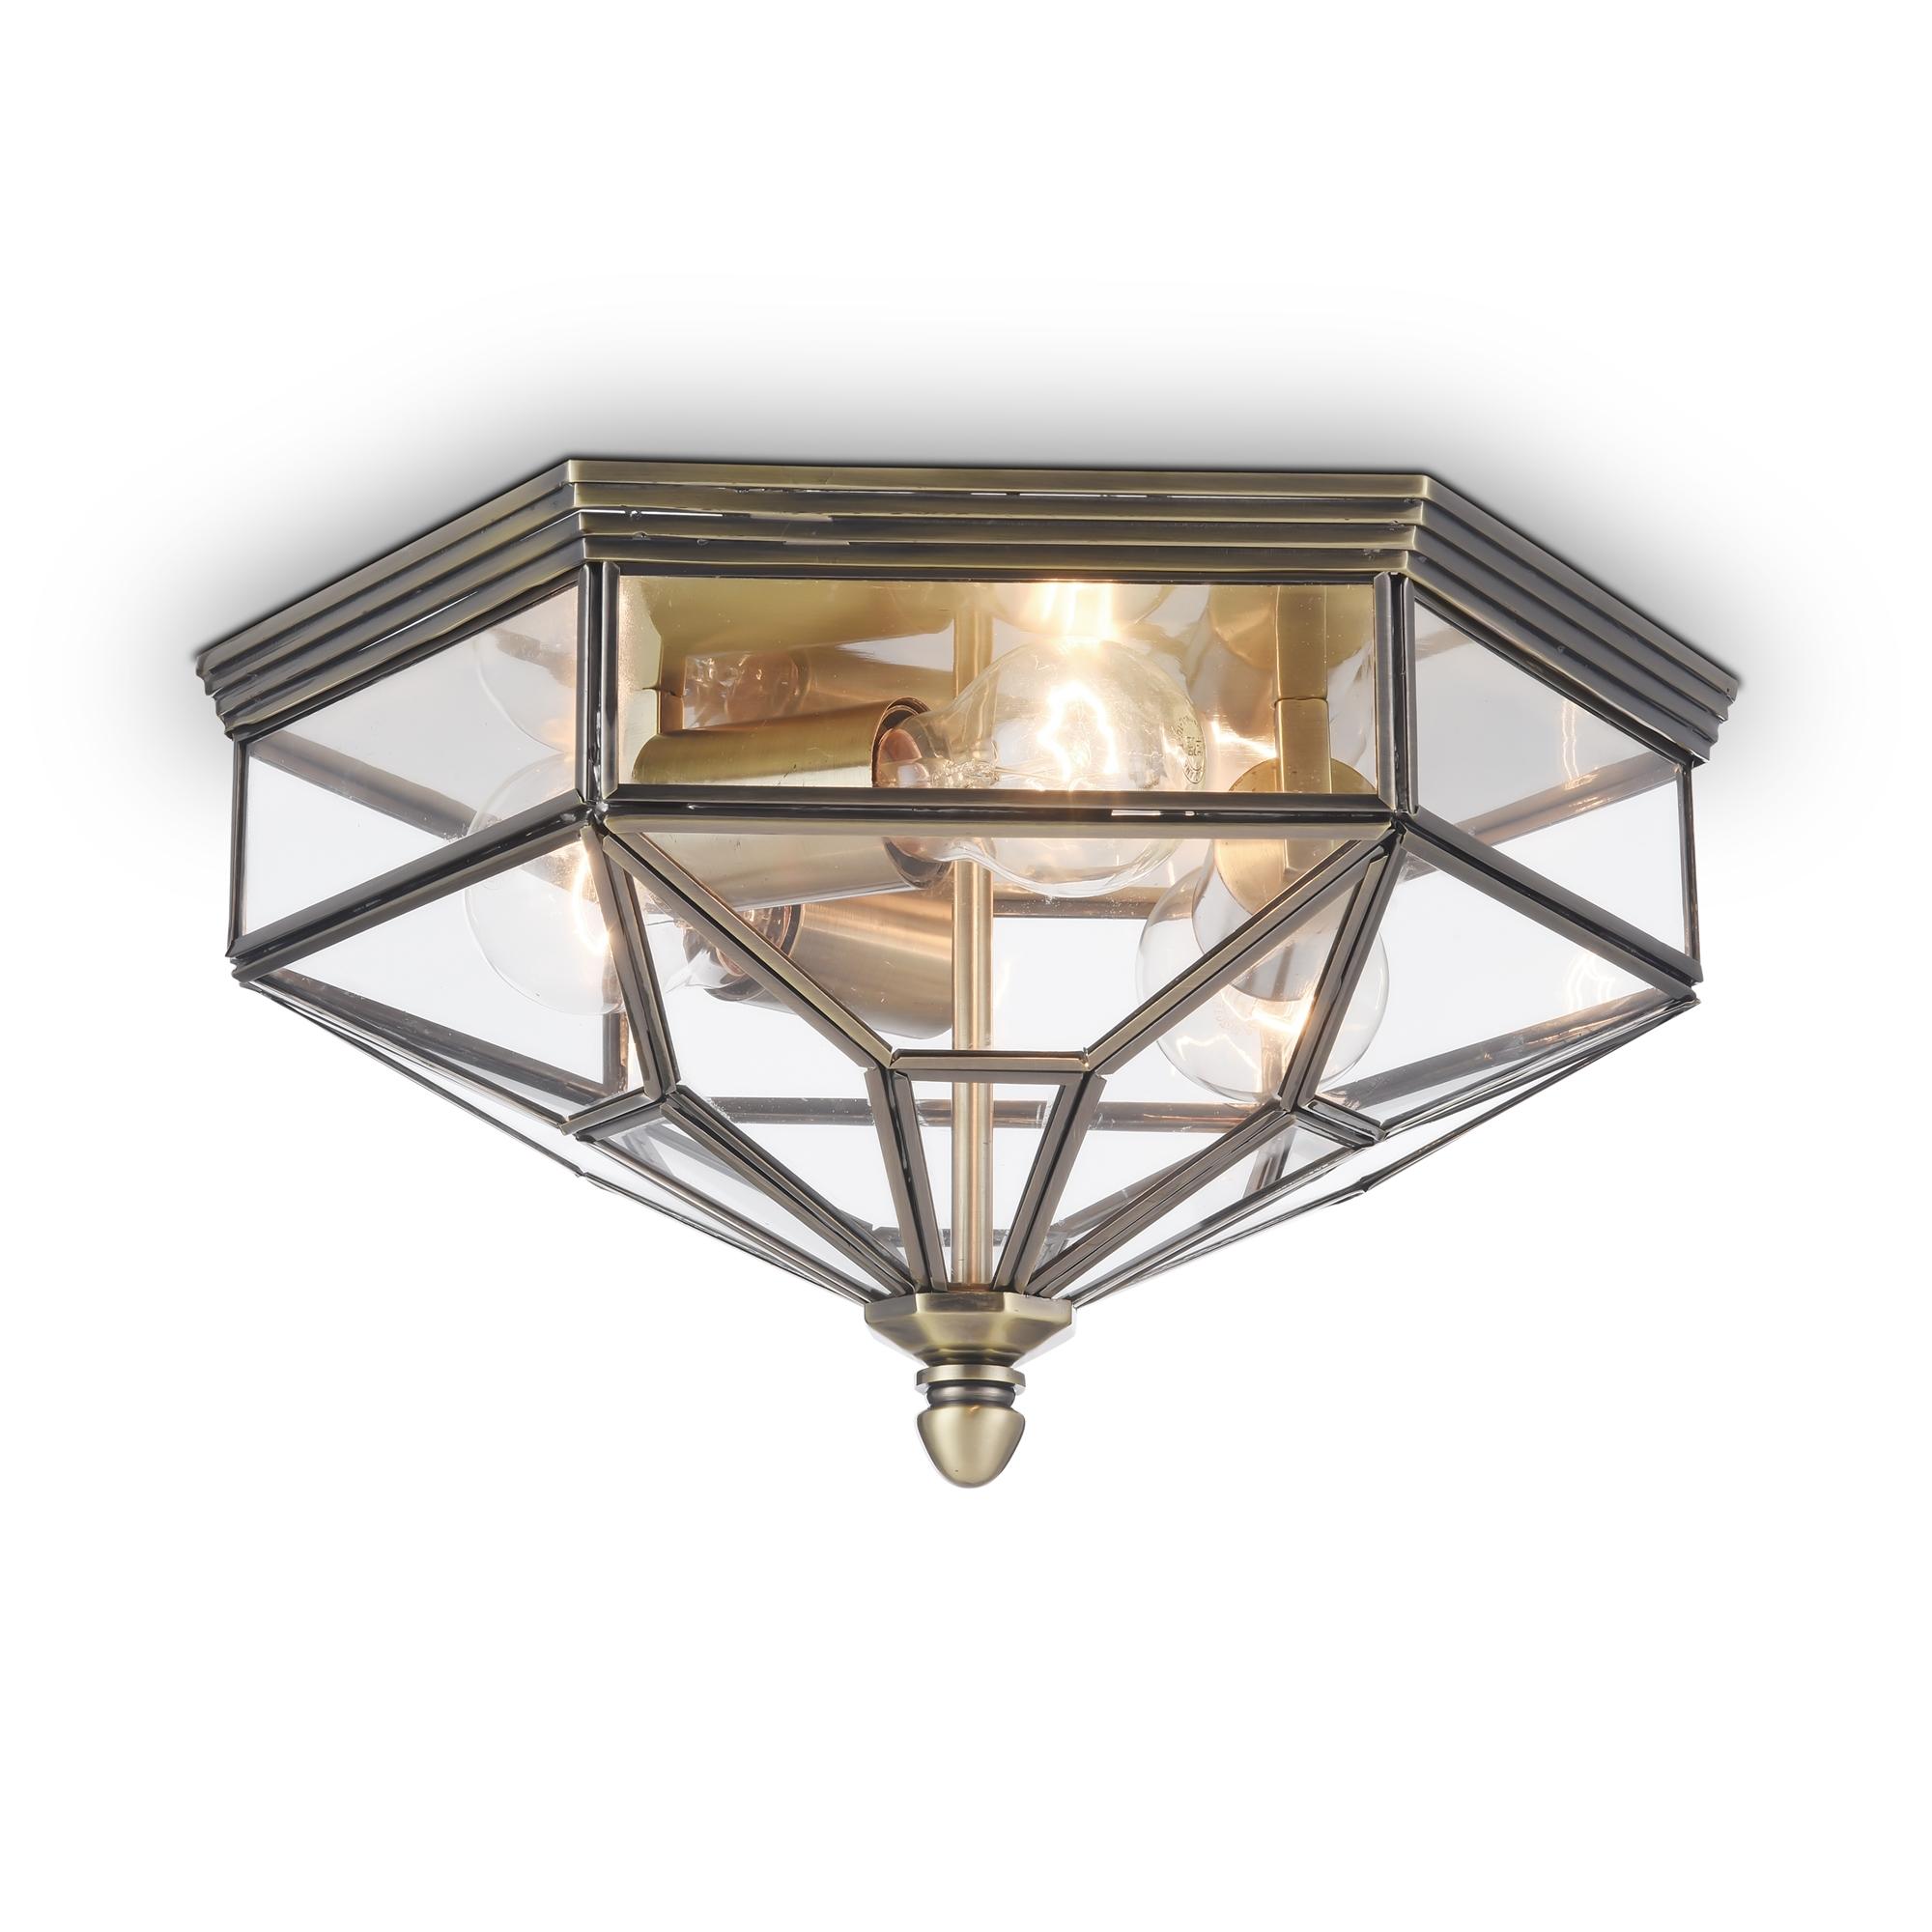 Потолочный светильник Maytoni Classic House Zeil H356-CL-03-BZ, 3xE27x60W, бронза, прозрачный, металл, стекло - фото 1